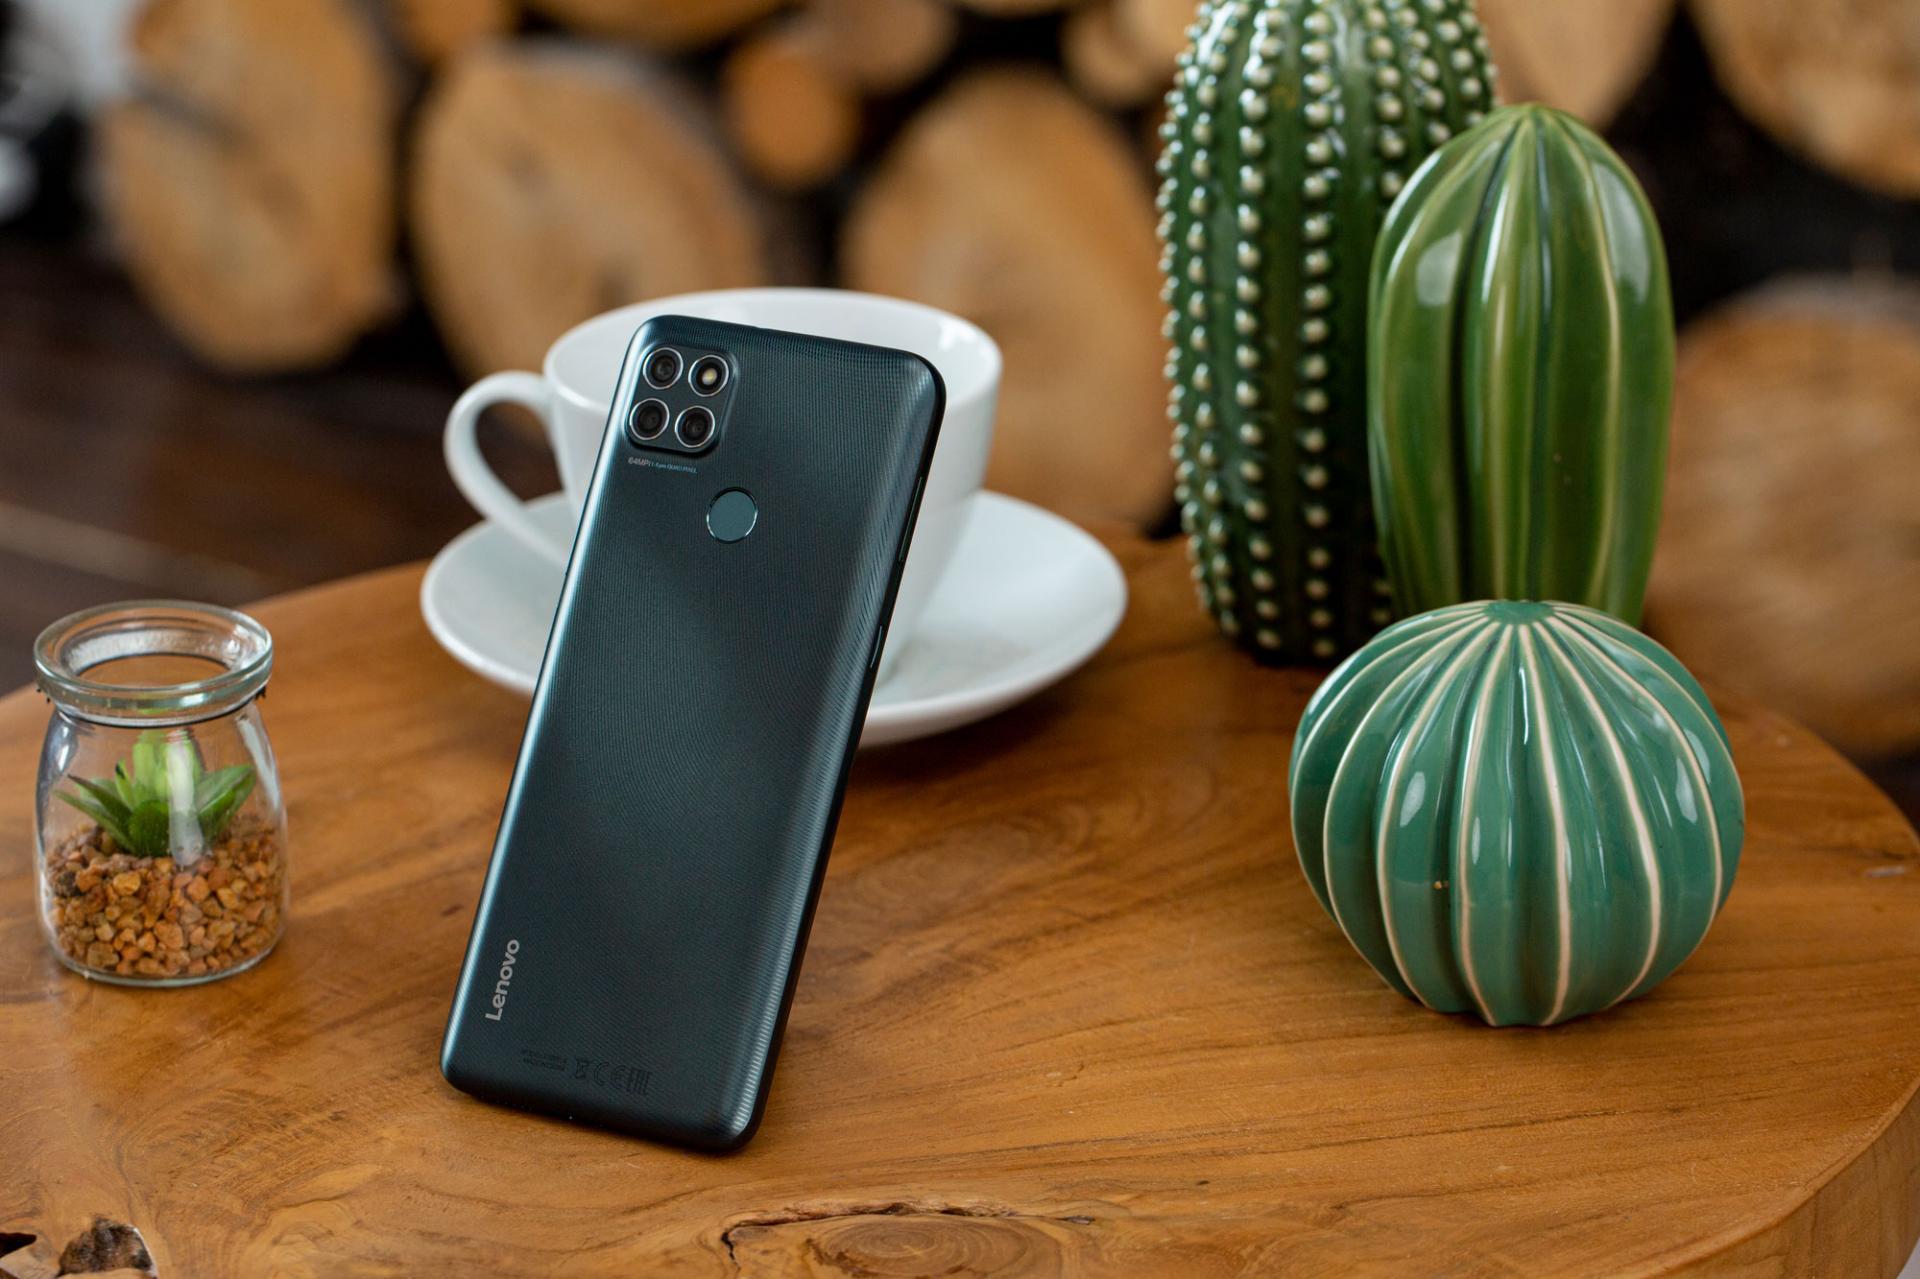 Хотите смартфон Lenovo повыгодной цене? Изучаем K12 Pro